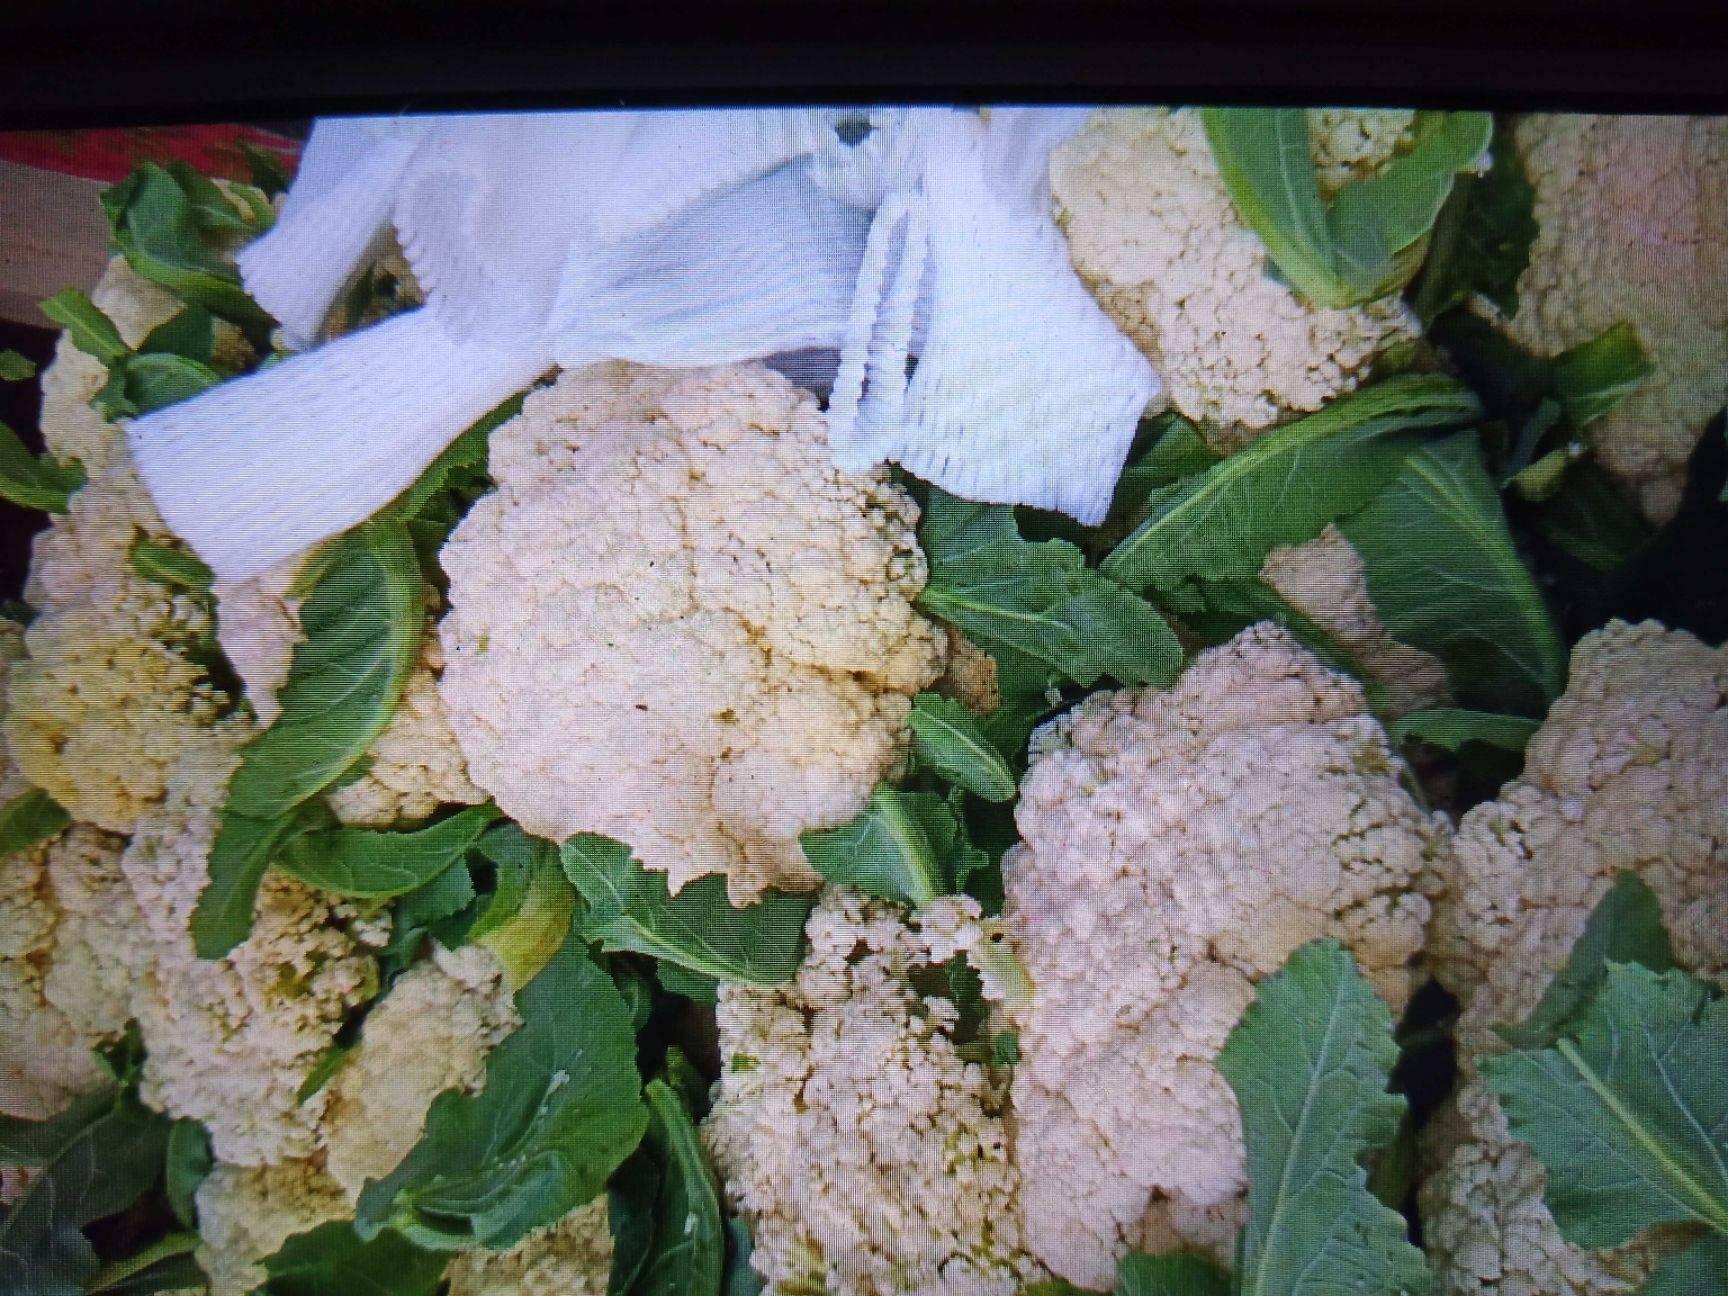 白面青梗松花菜 有機松花菜